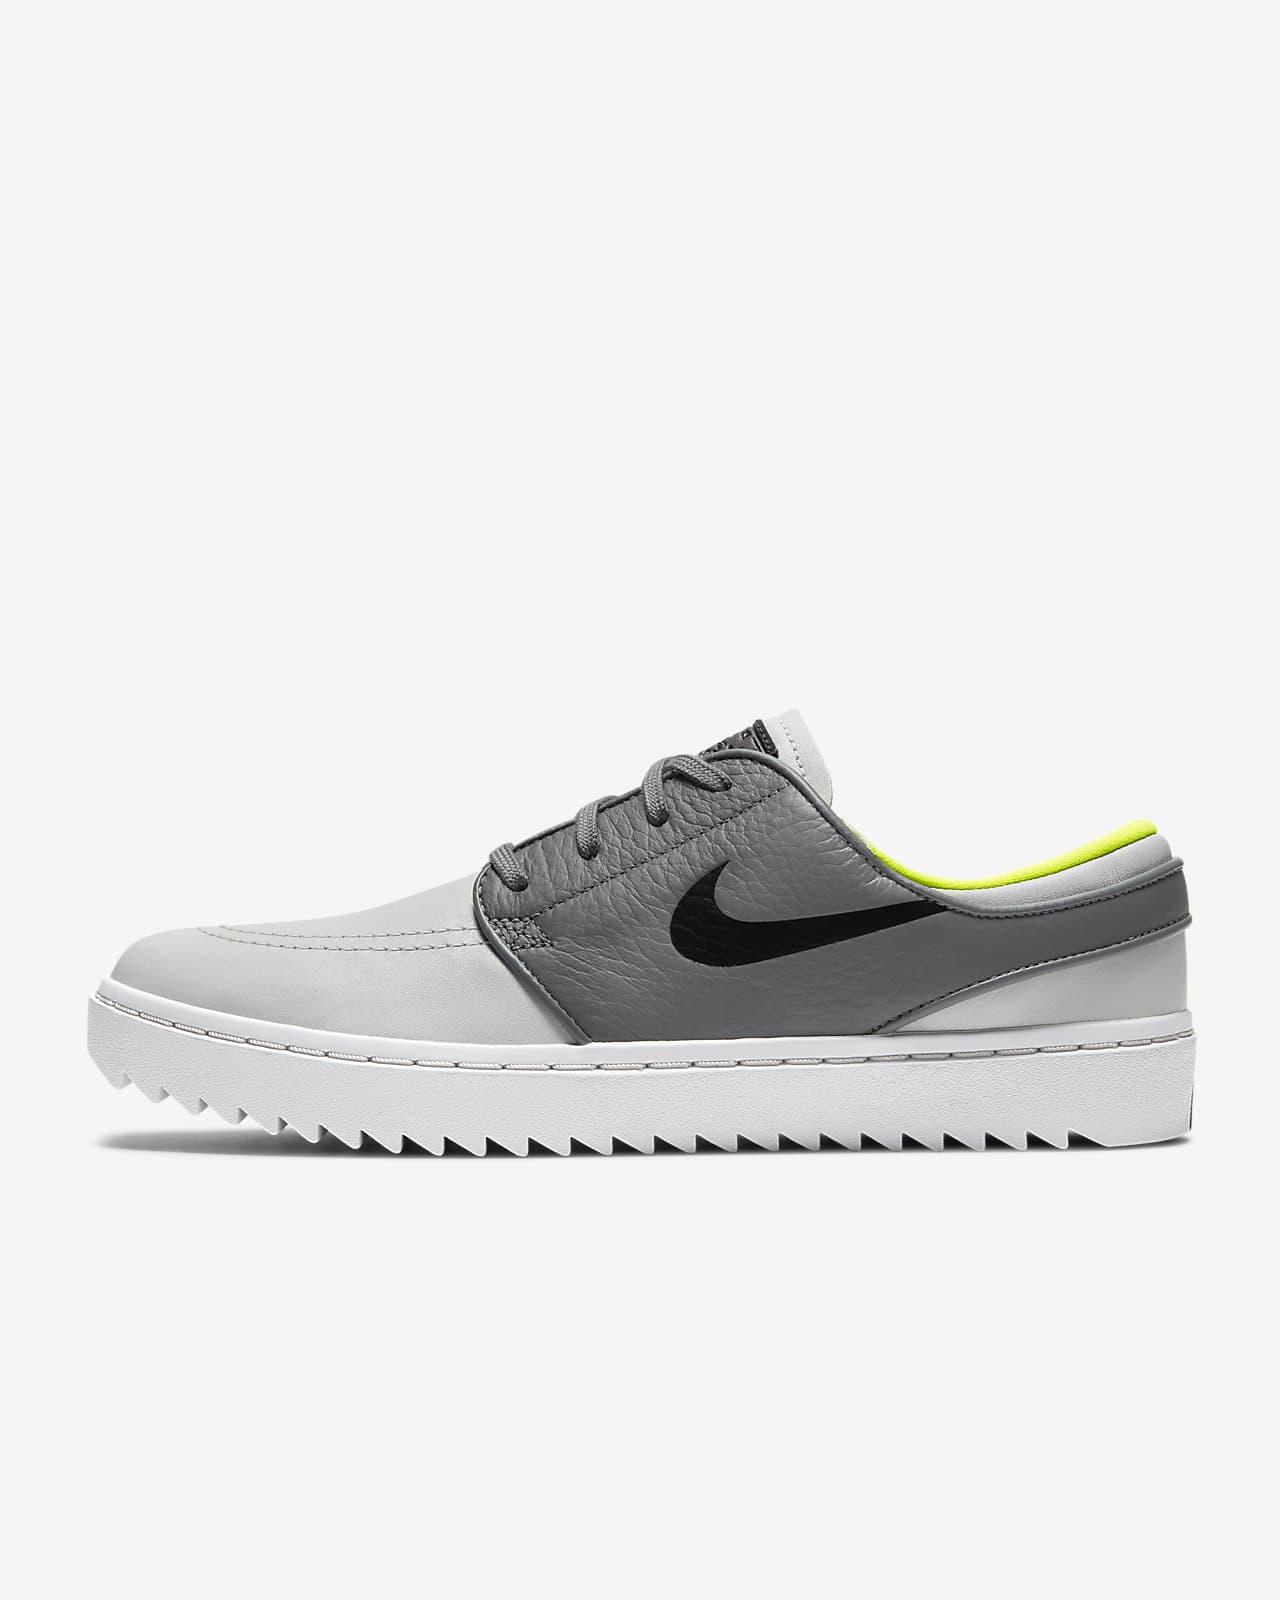 chaussures nike janoski